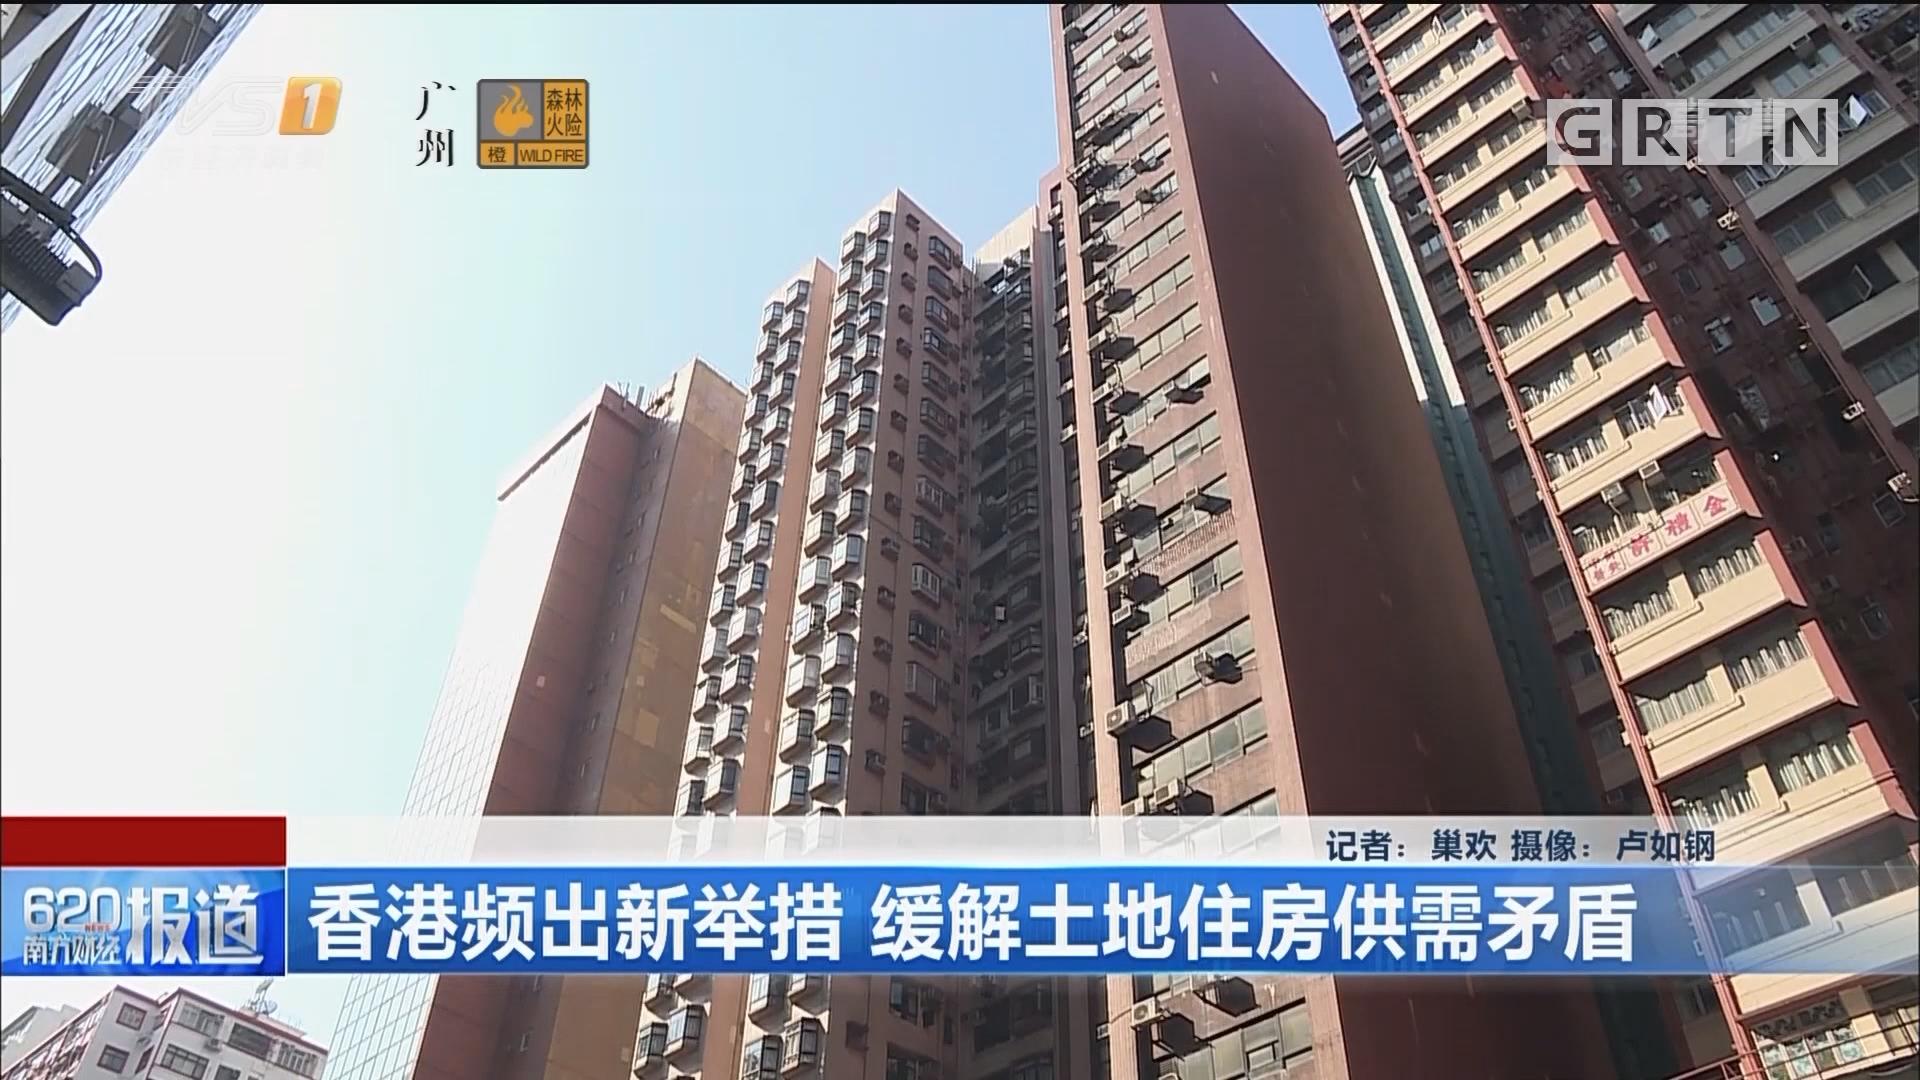 香港频出新举措 缓解土地住房供需矛盾